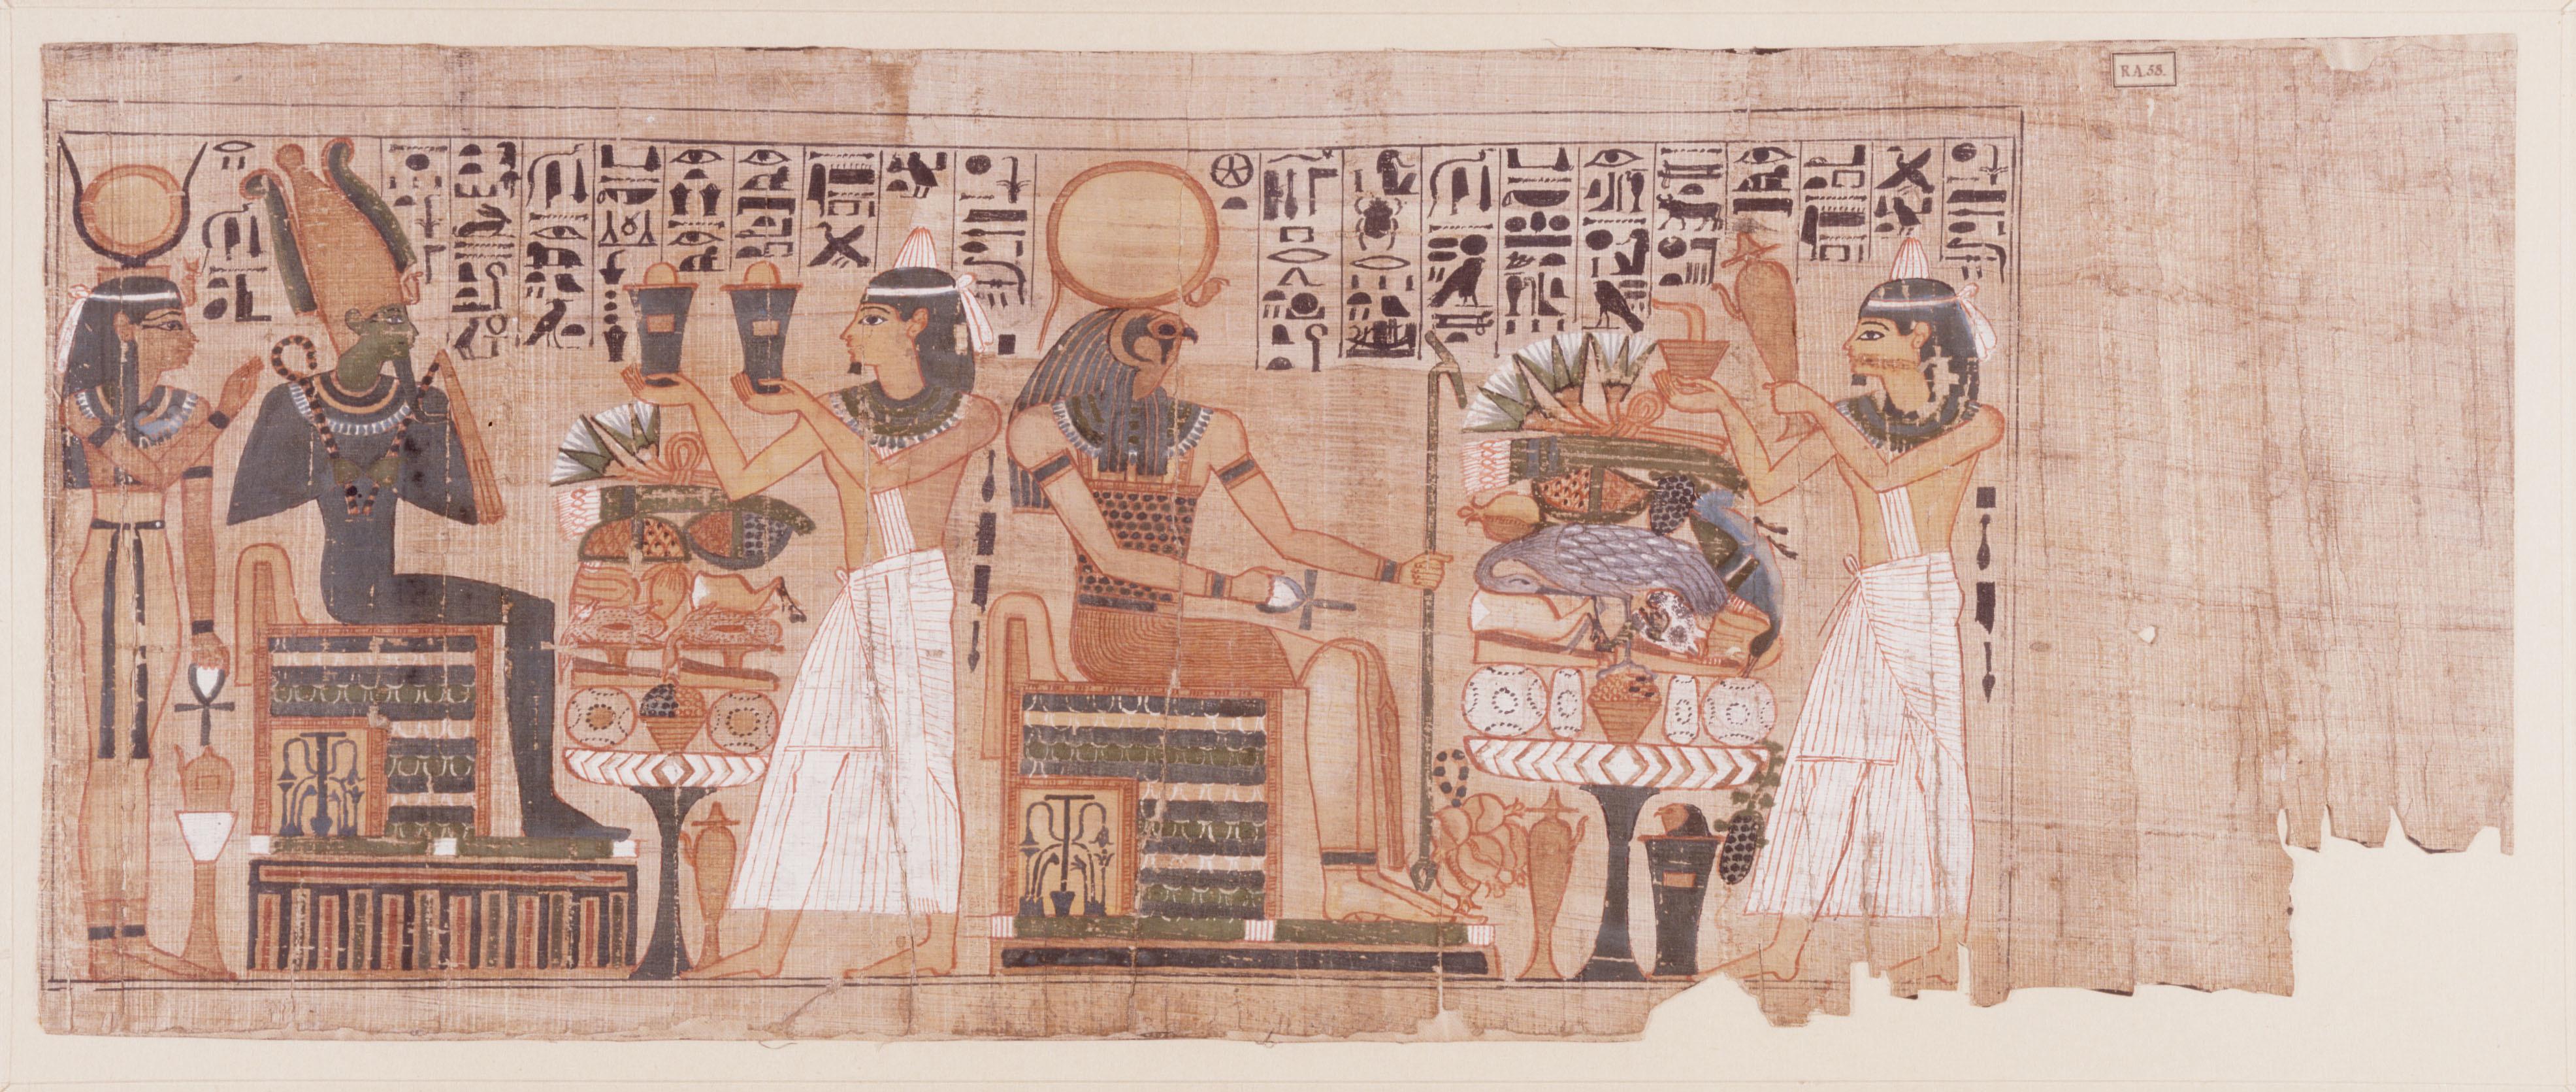 『ライデン国立古代博物館所蔵 古代エジプト展』「パディコンスの『死者の書』」